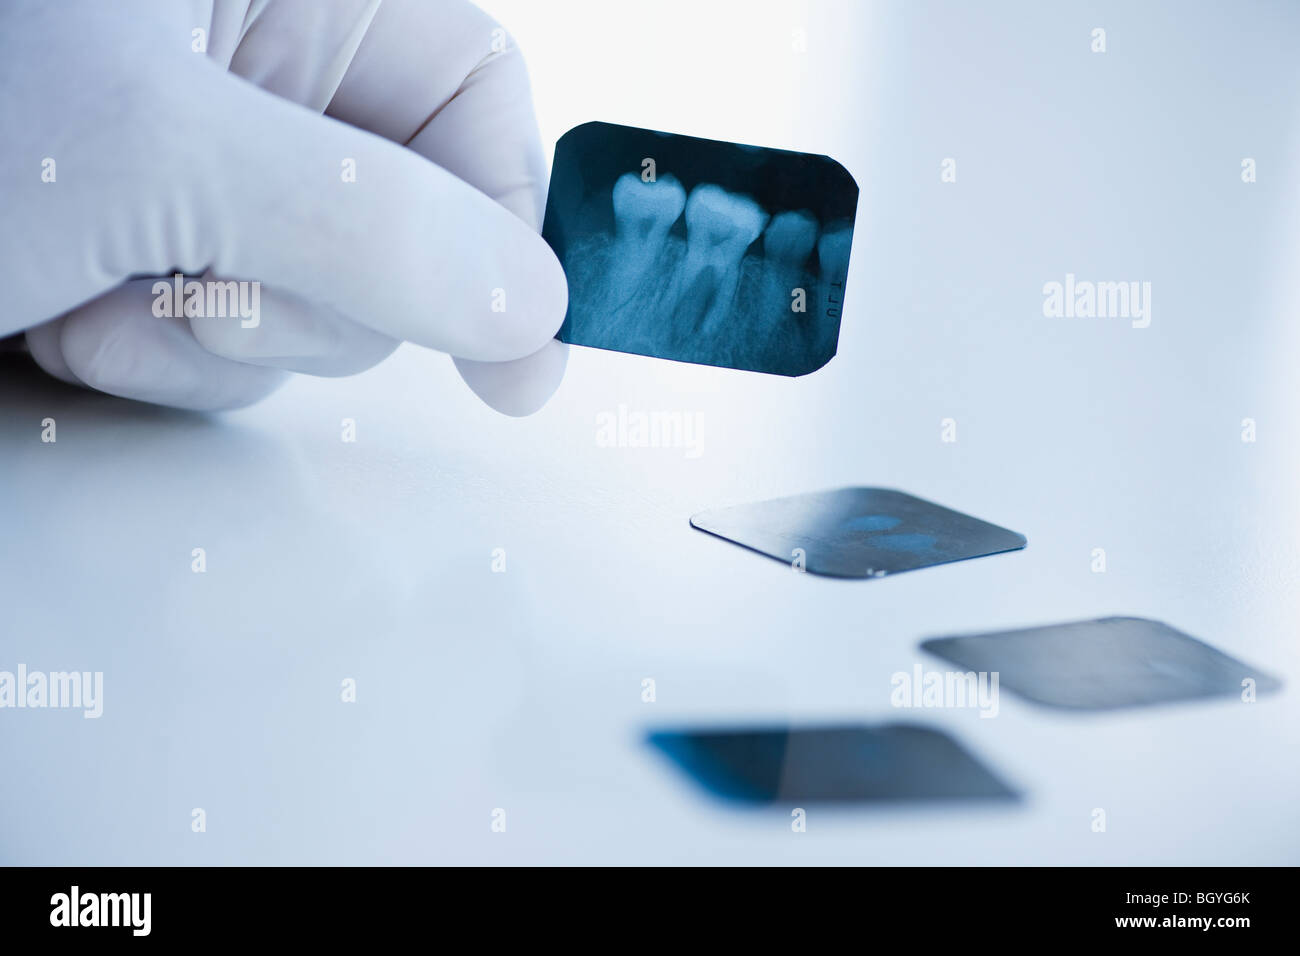 Dental x-ray - Stock Image